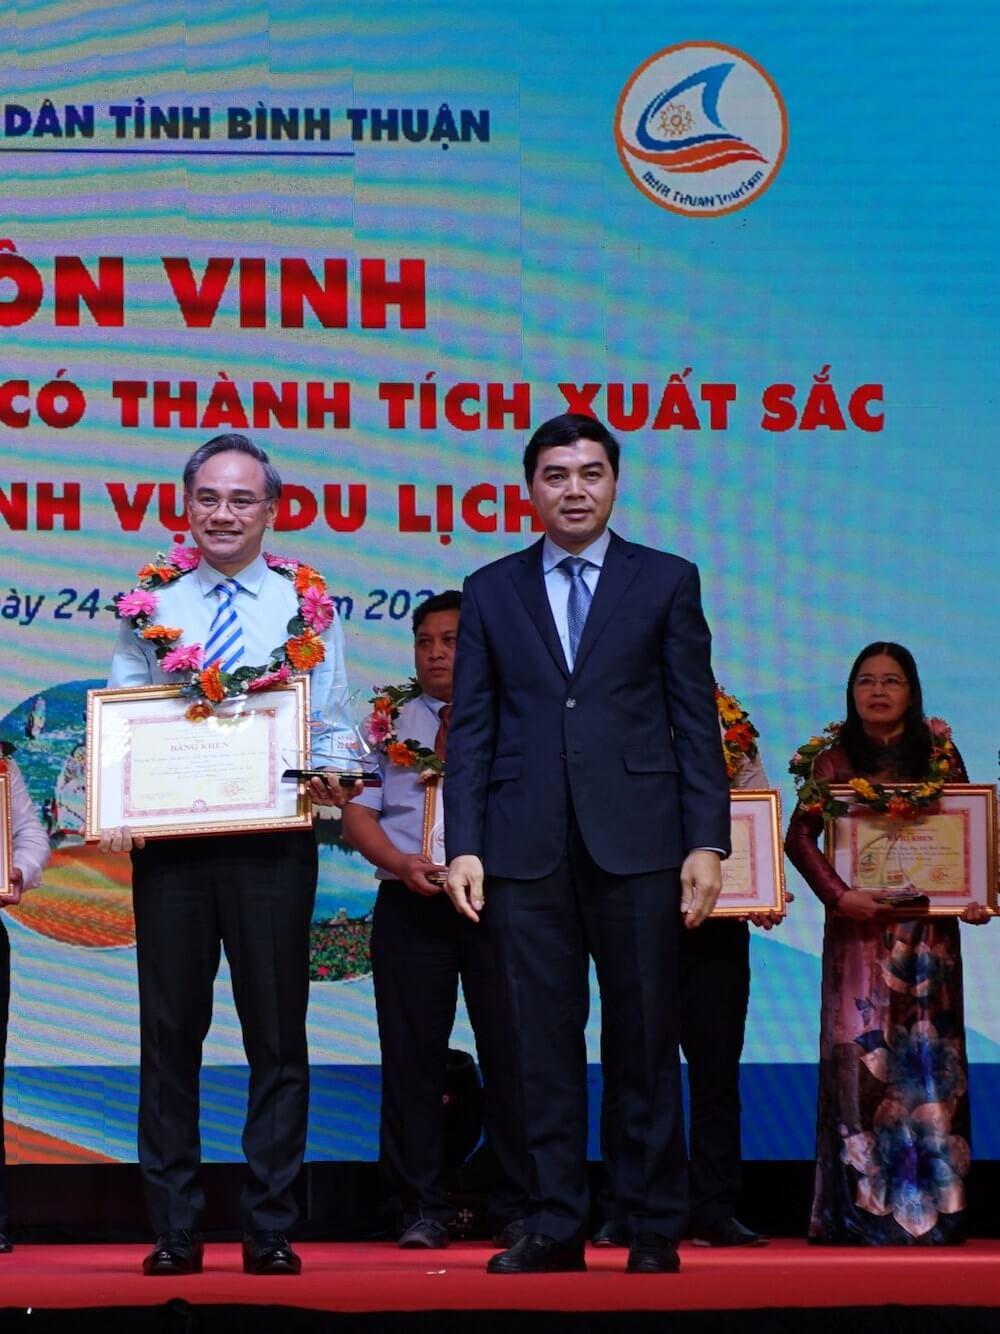 """Vietravel vinh dự nhận bằng khen """"Doanh nghiệp xuất sắc"""" tại Bình Thuận"""